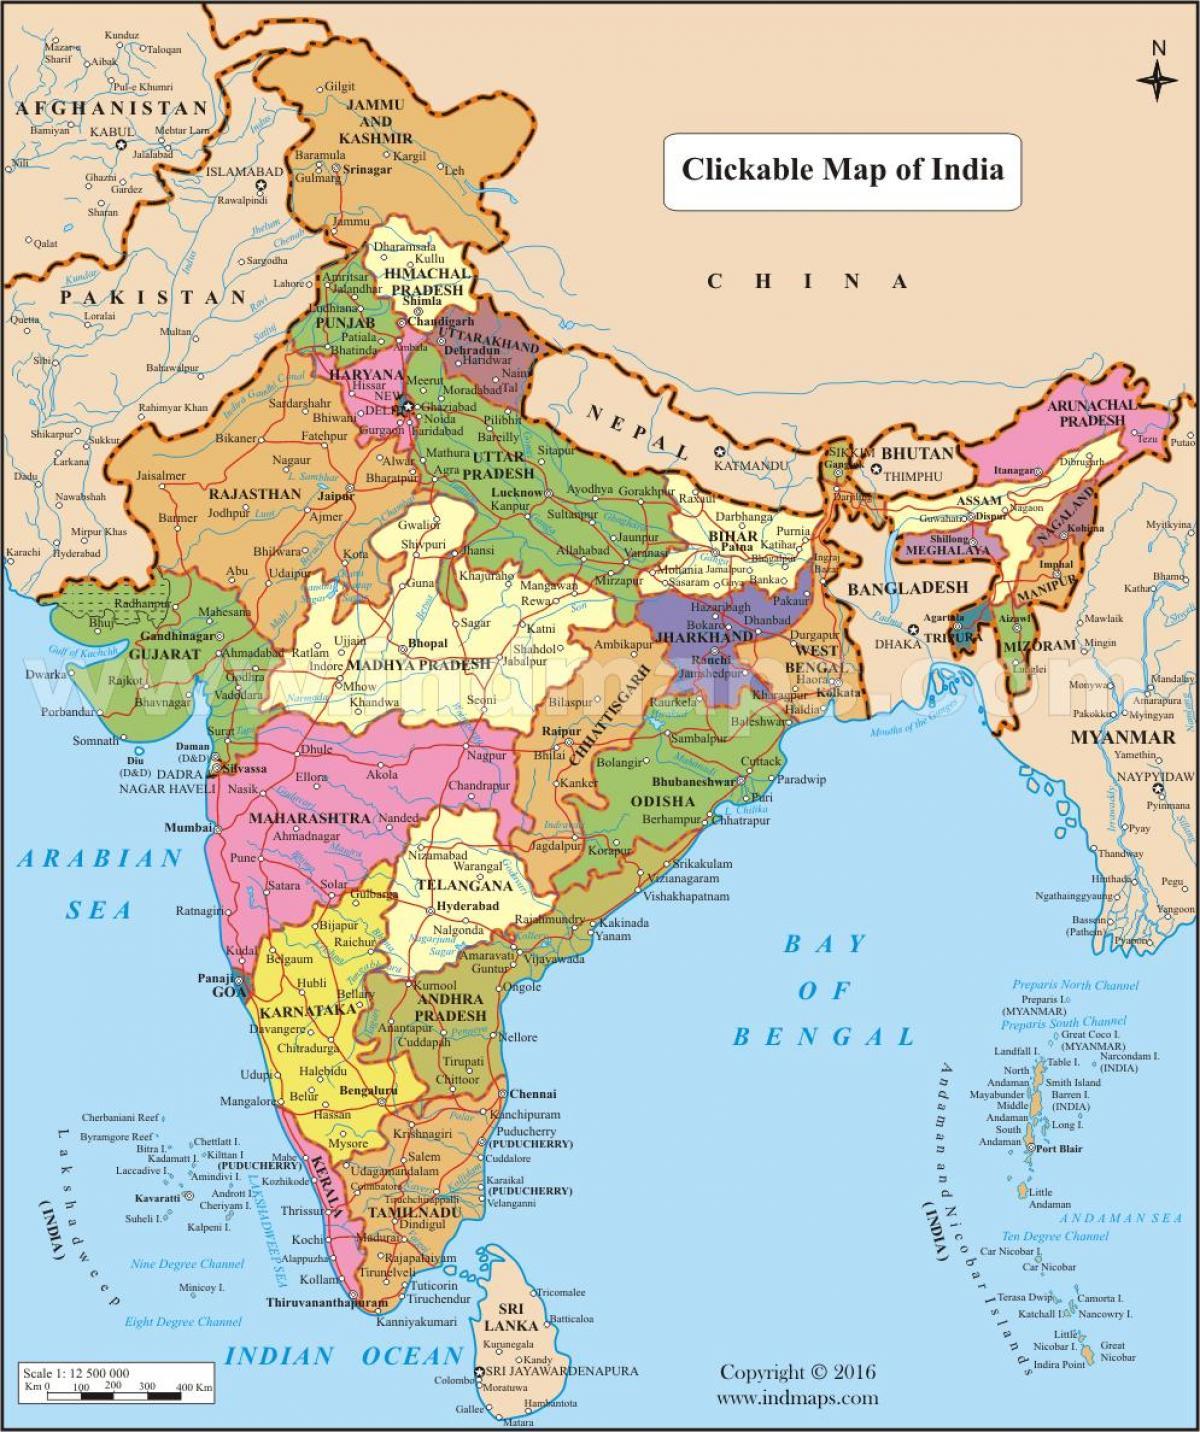 indien bundesstaaten karte Karte Indiens mit Bundesstaaten und Städte   Karte von Indien mit